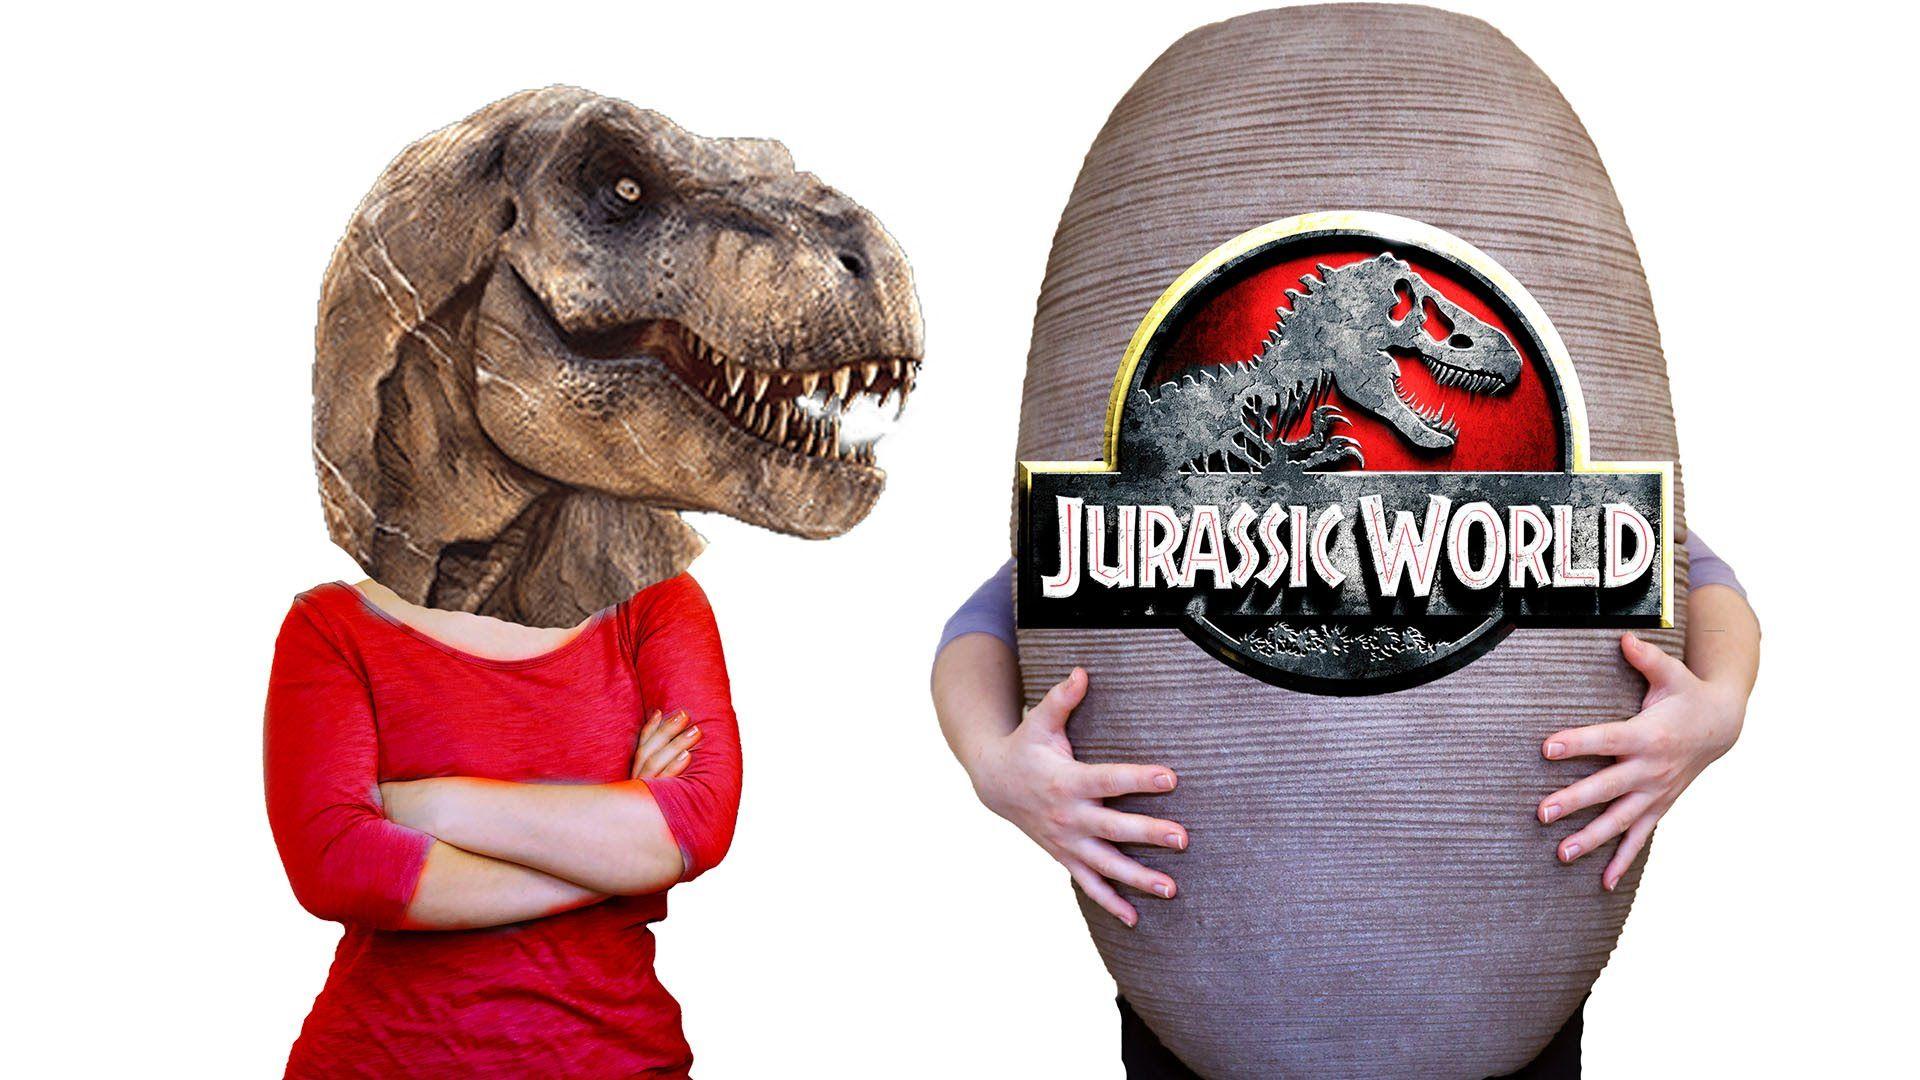 Giant Surprise Egg Jurassic World Dinosaur Toys | Jonah's